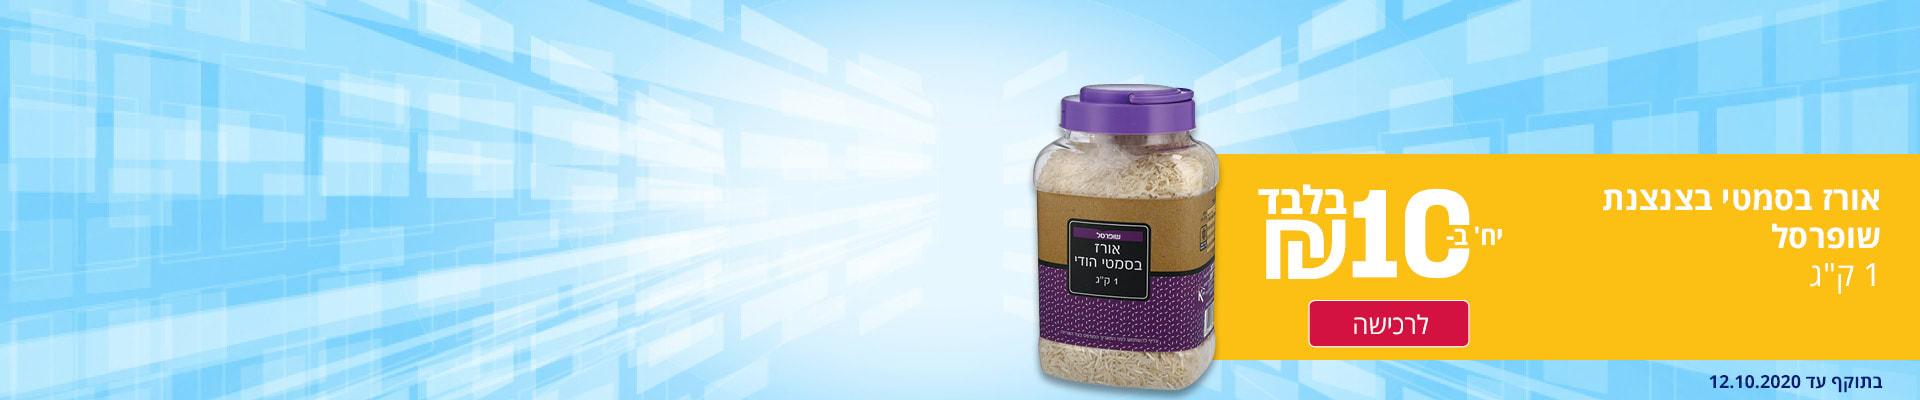 """מבצעי חג בשופרסל: אורז בסמטי בצנצנת שופרסל 1 ק""""ג ב- 10 ₪. בתוקף עד 12.10.2020"""